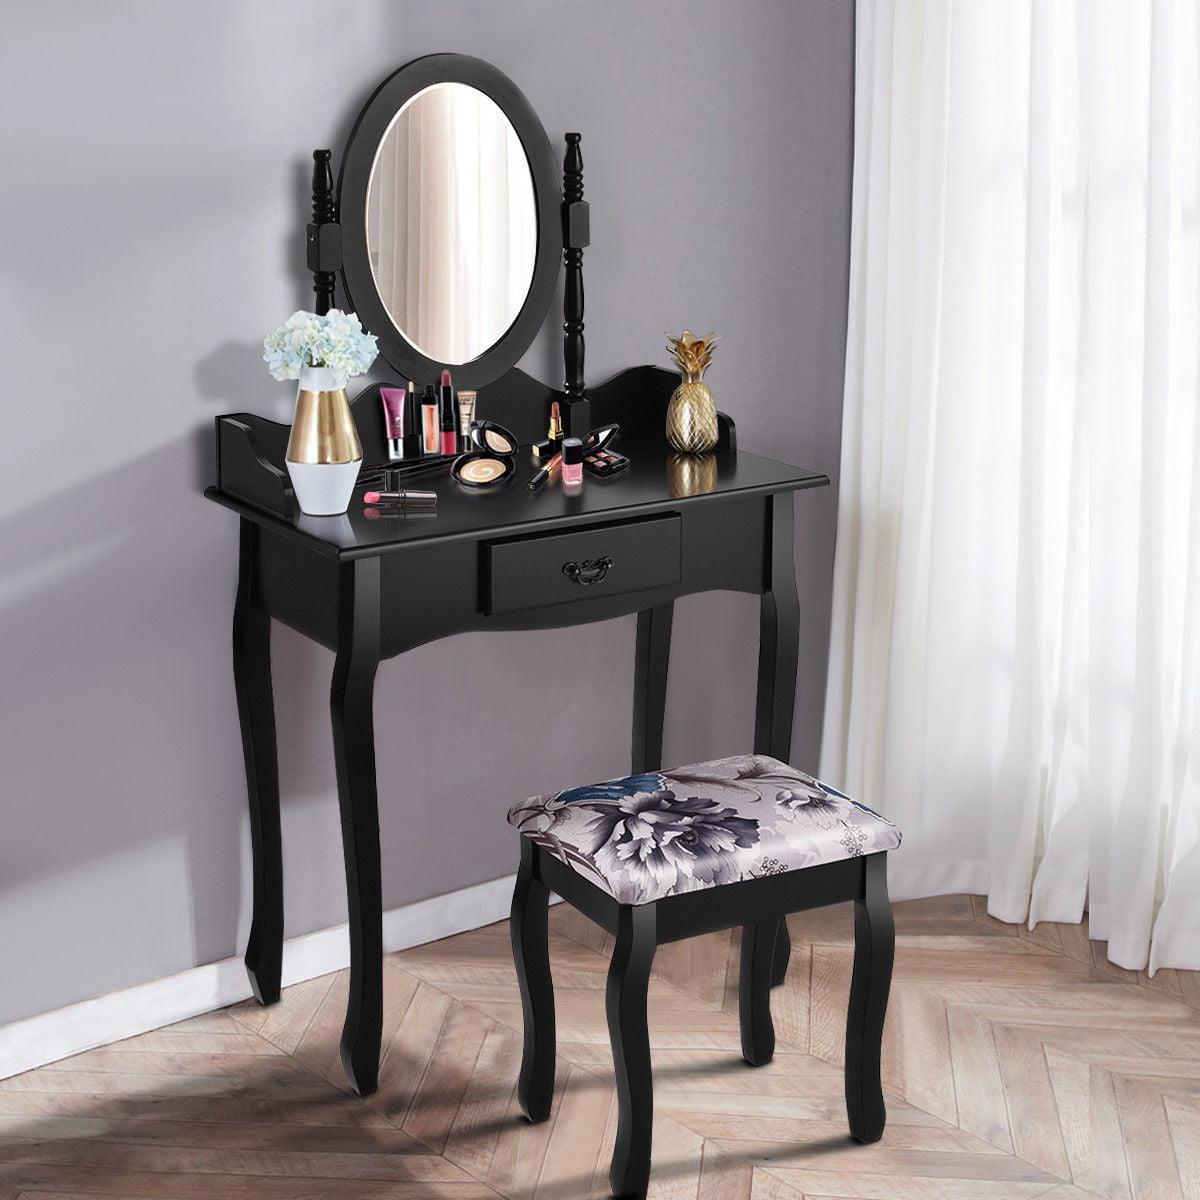 Costway Vanity Wood Makeup Dressing Table Stool Set